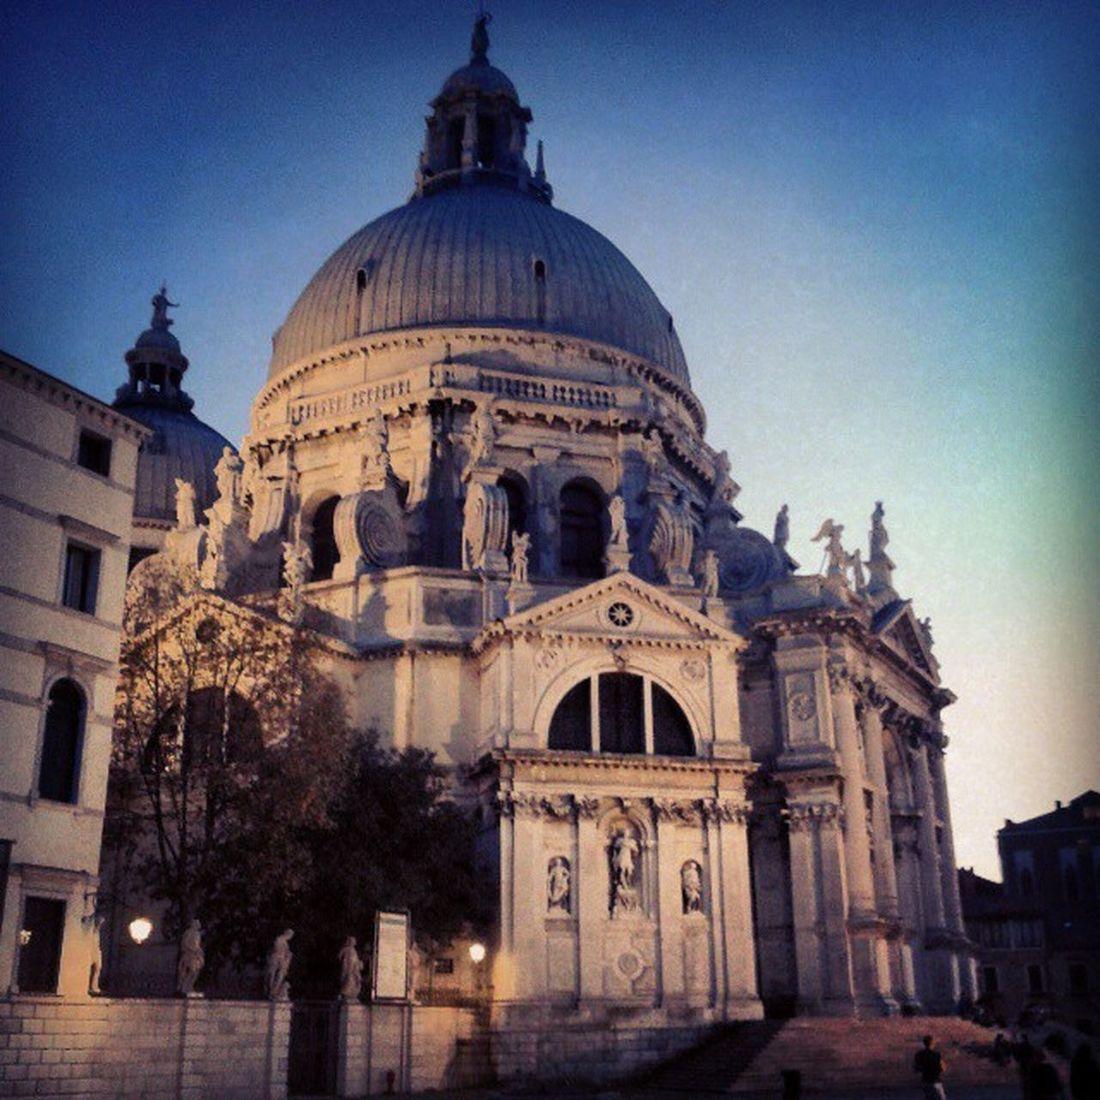 Ci sono posti che rivedresti all'infinito SantaMariadellaSalute Venice Zattere Evening architecture art